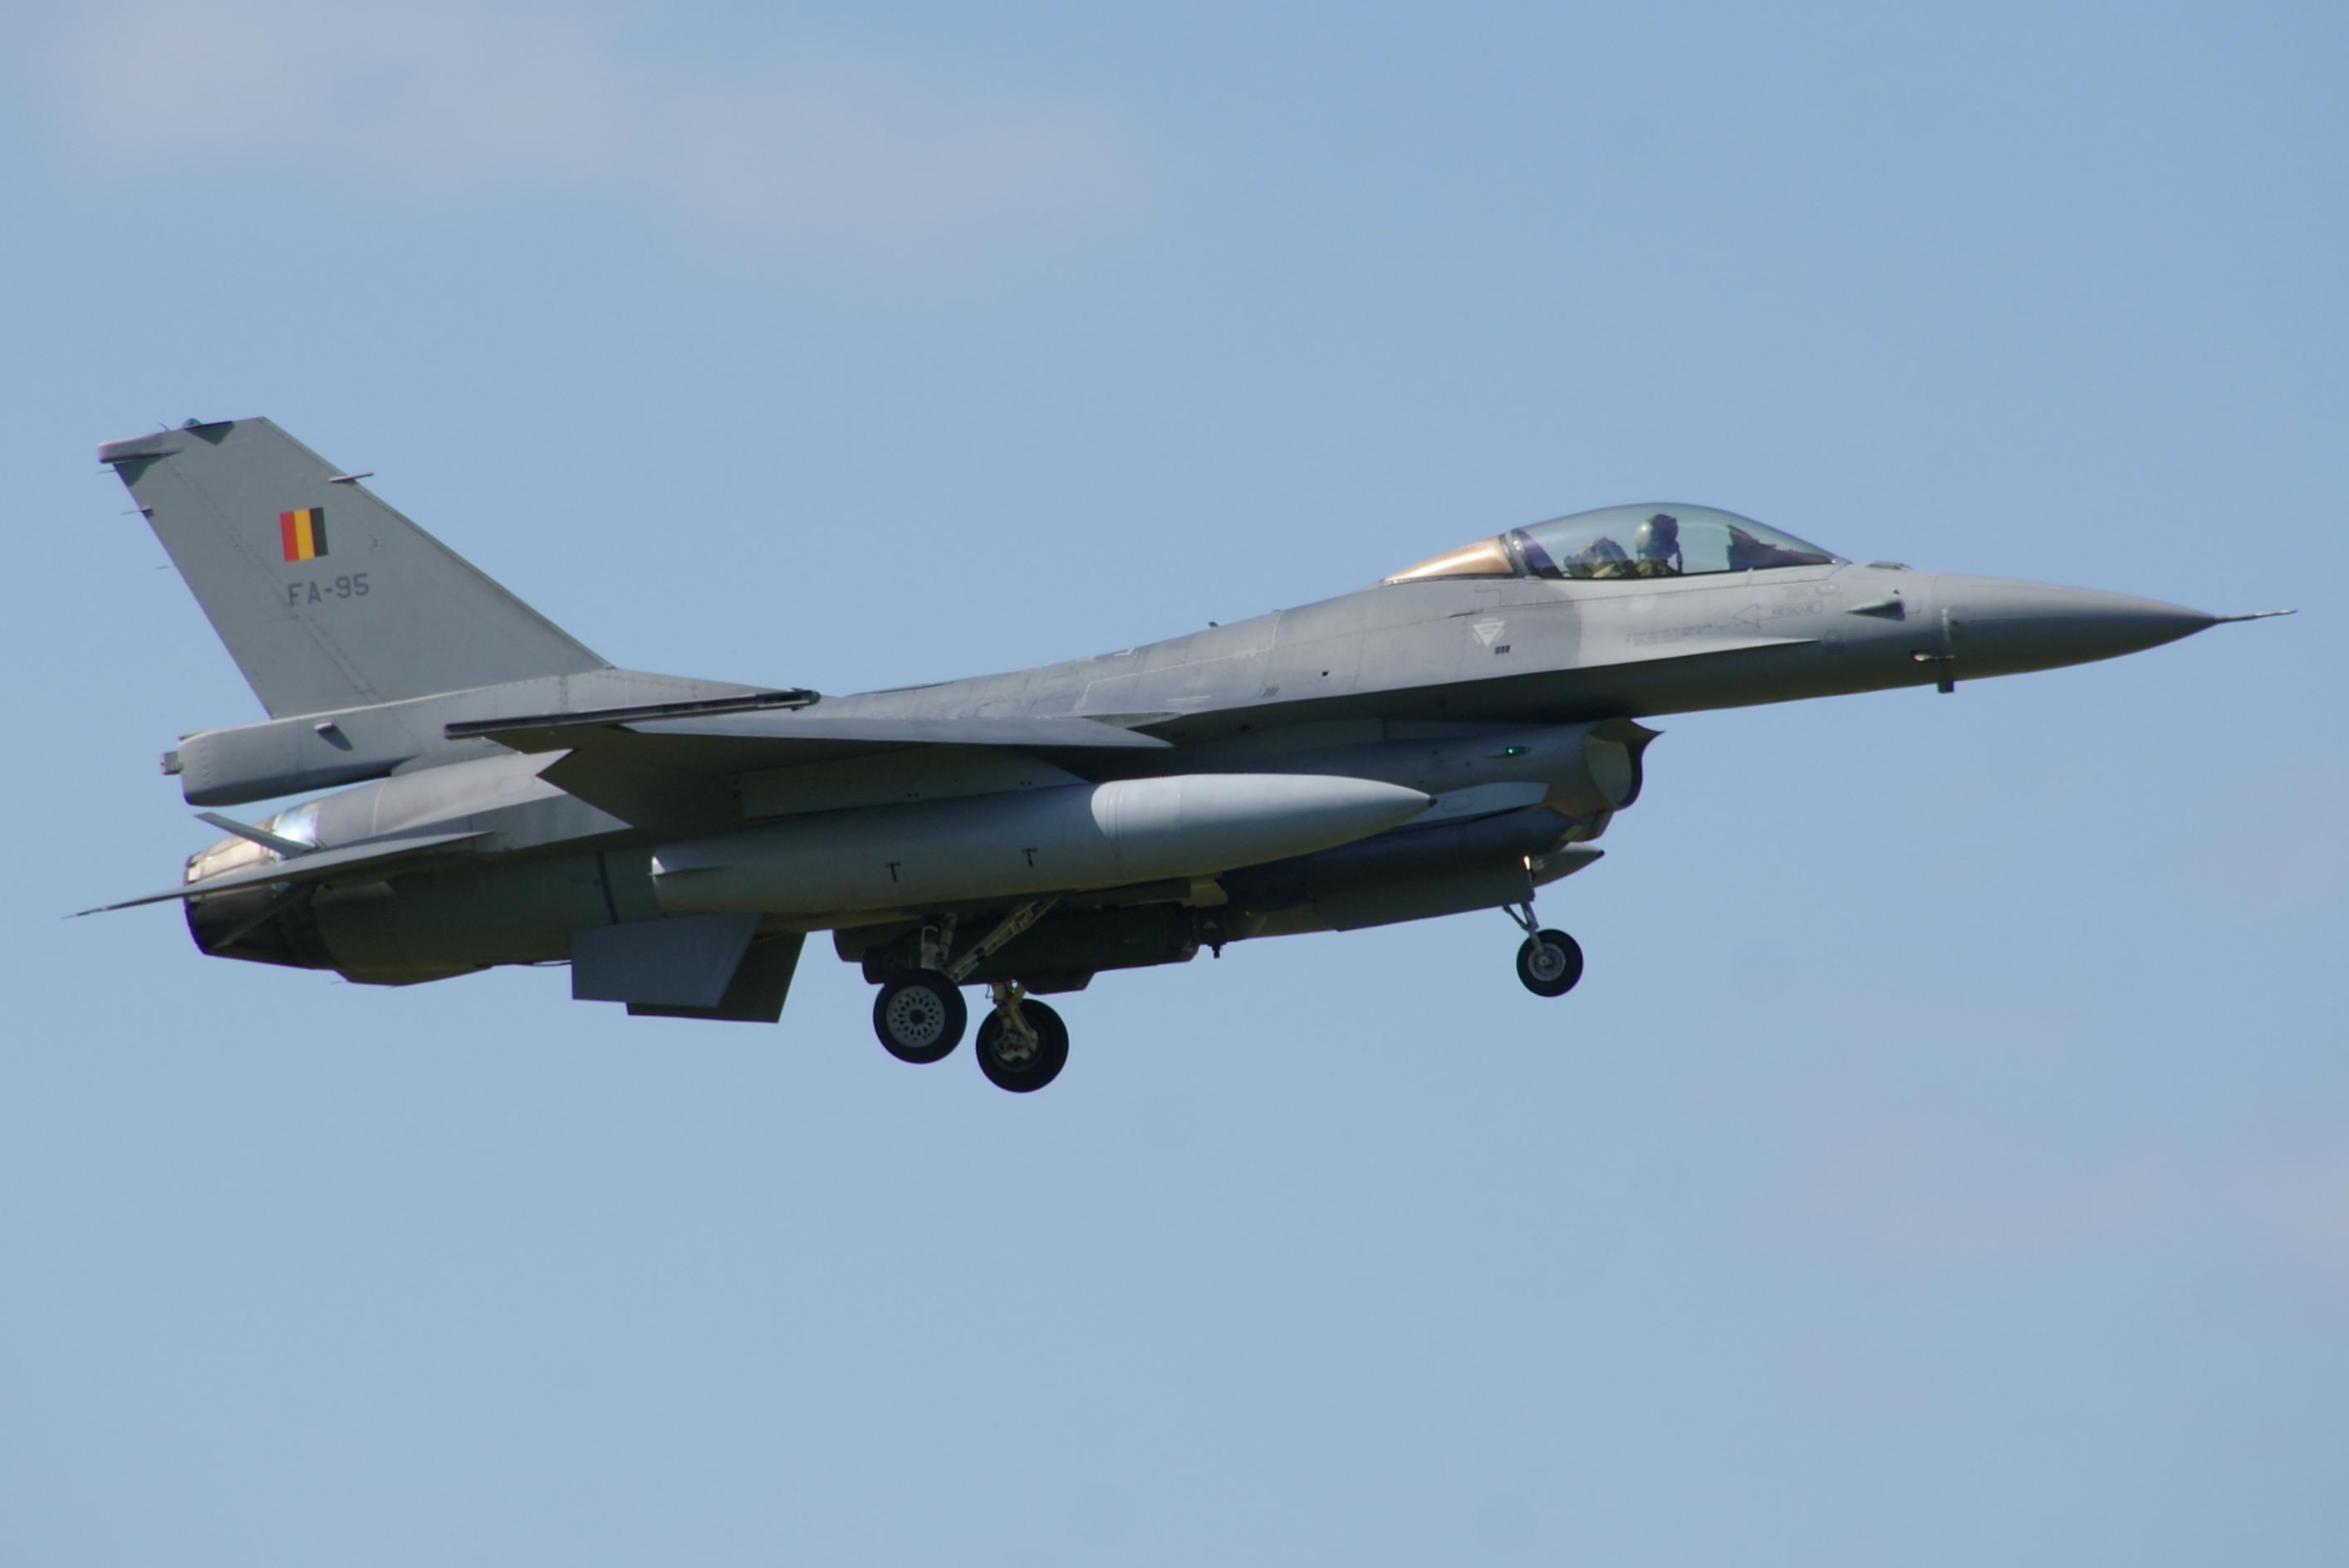 Naam: FA-95 NK.jpg Bekeken: 394 Grootte: 145,0 KB